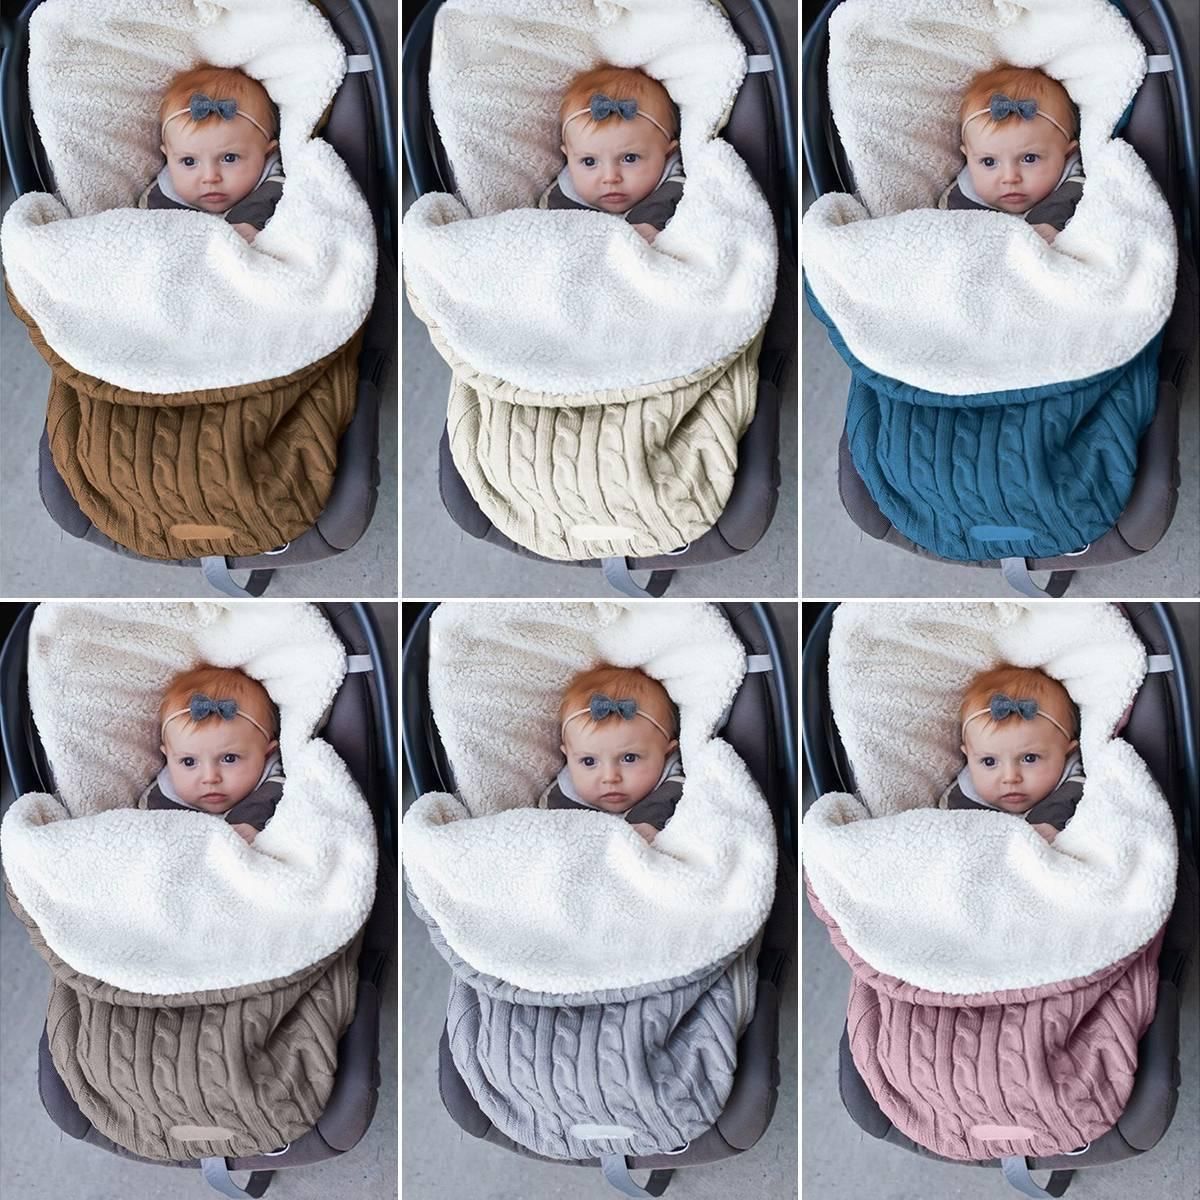 White Newborn Baby Fleece Swaddle Blanket Winter Wrap Knitted Sleeping Bag Warm Knit Nap Blanket Plus Velvet,Bag Sleep Sack Stroller Wrap